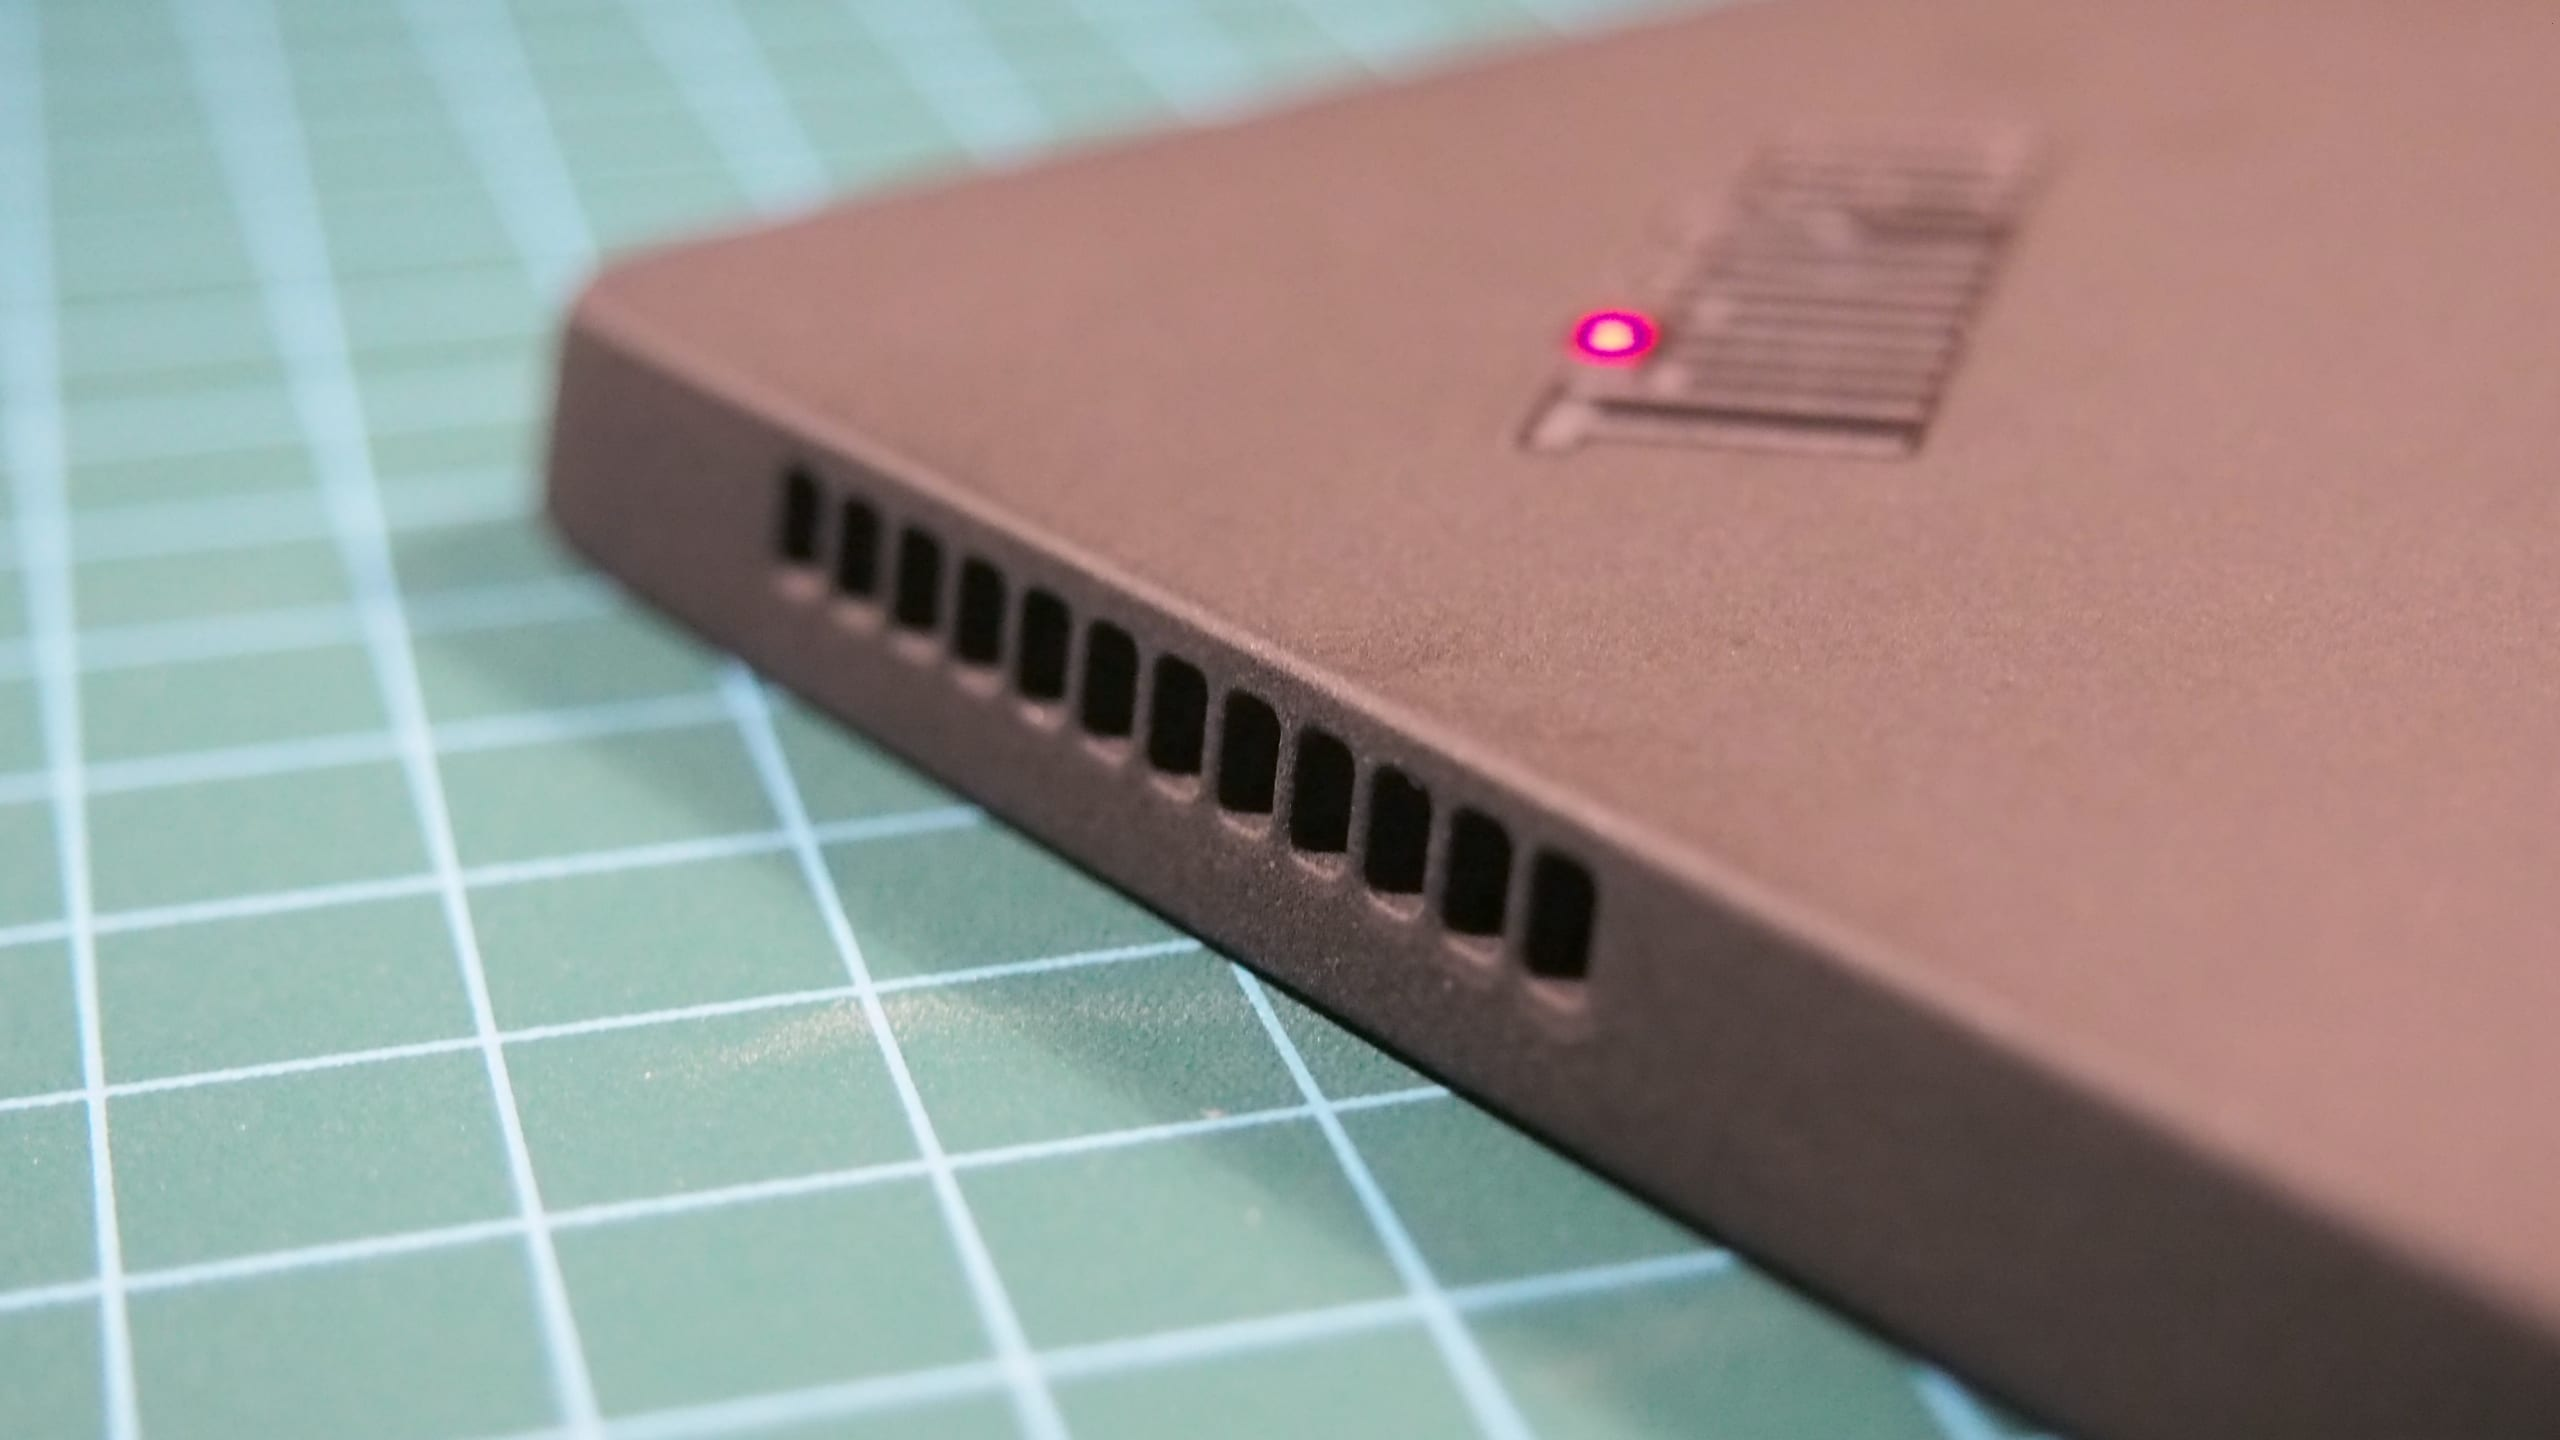 פתחי האוורור של ה-ThinkPad X12 Detachable